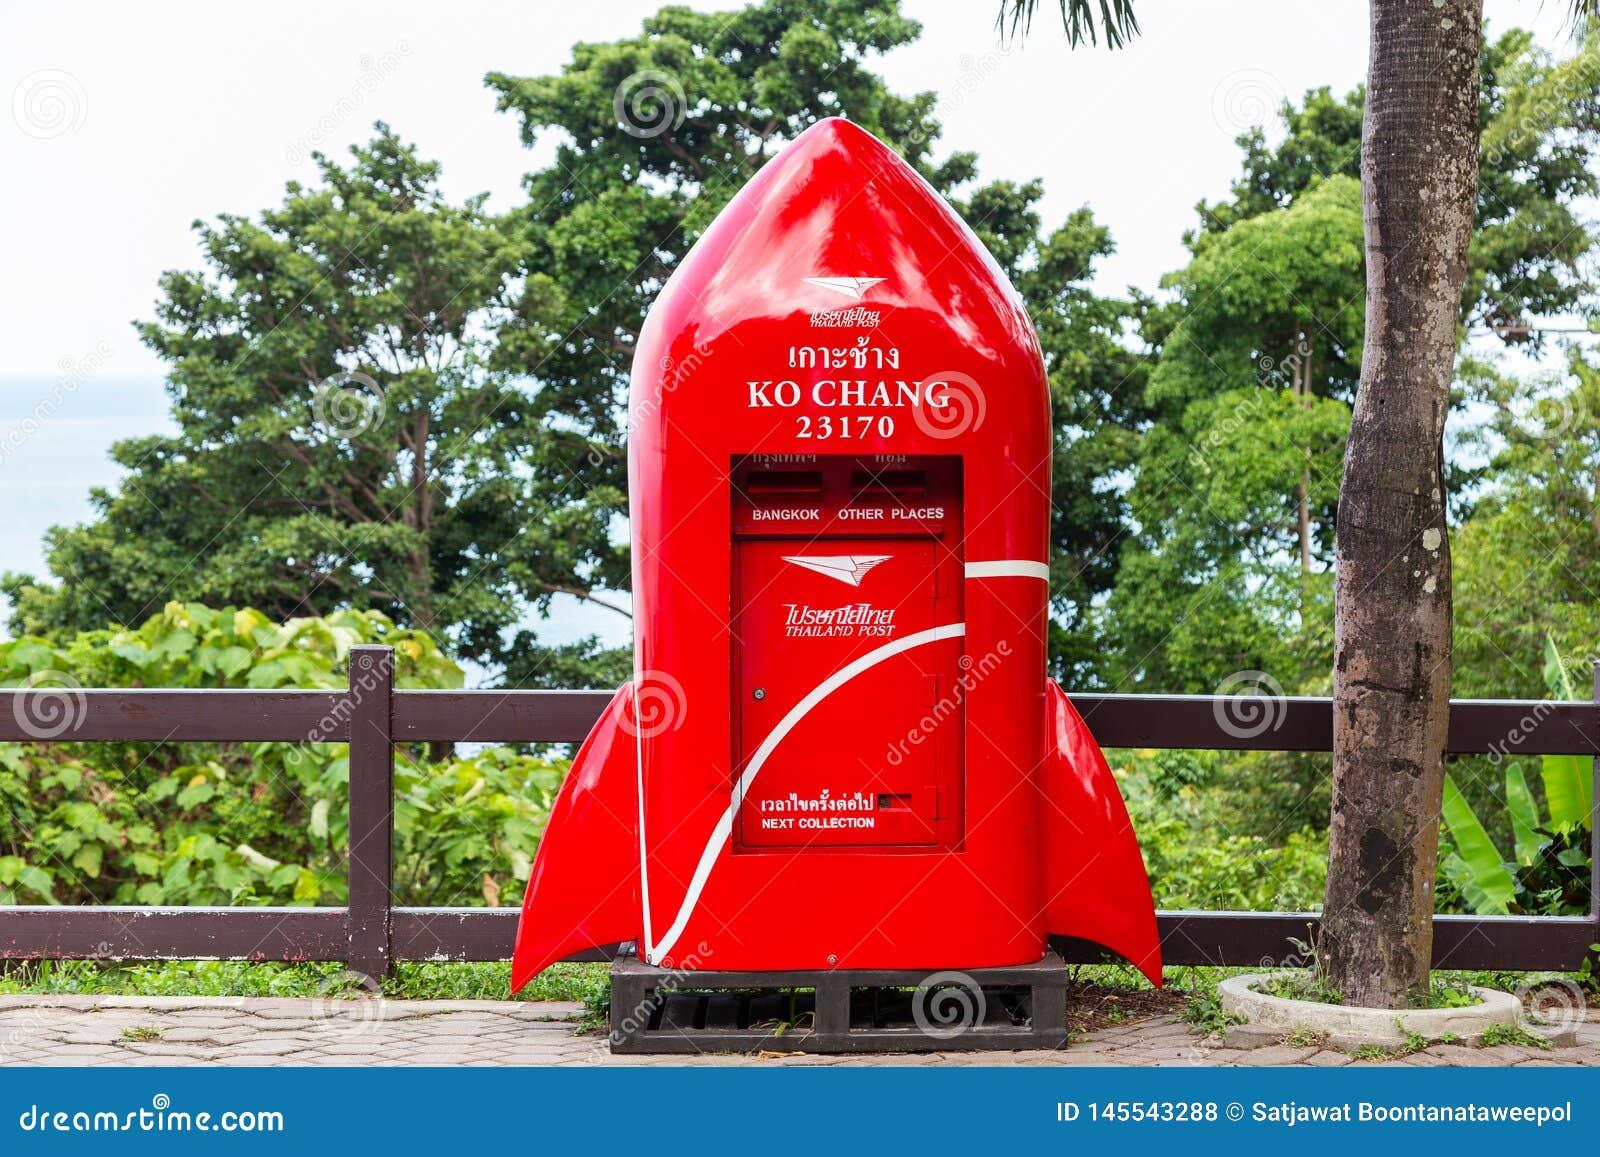 Trat, Tailândia-abril 2,2019: Postbox vermelho bonito, forma moderna do foguete, situada no ponto de vista em Koh Chang